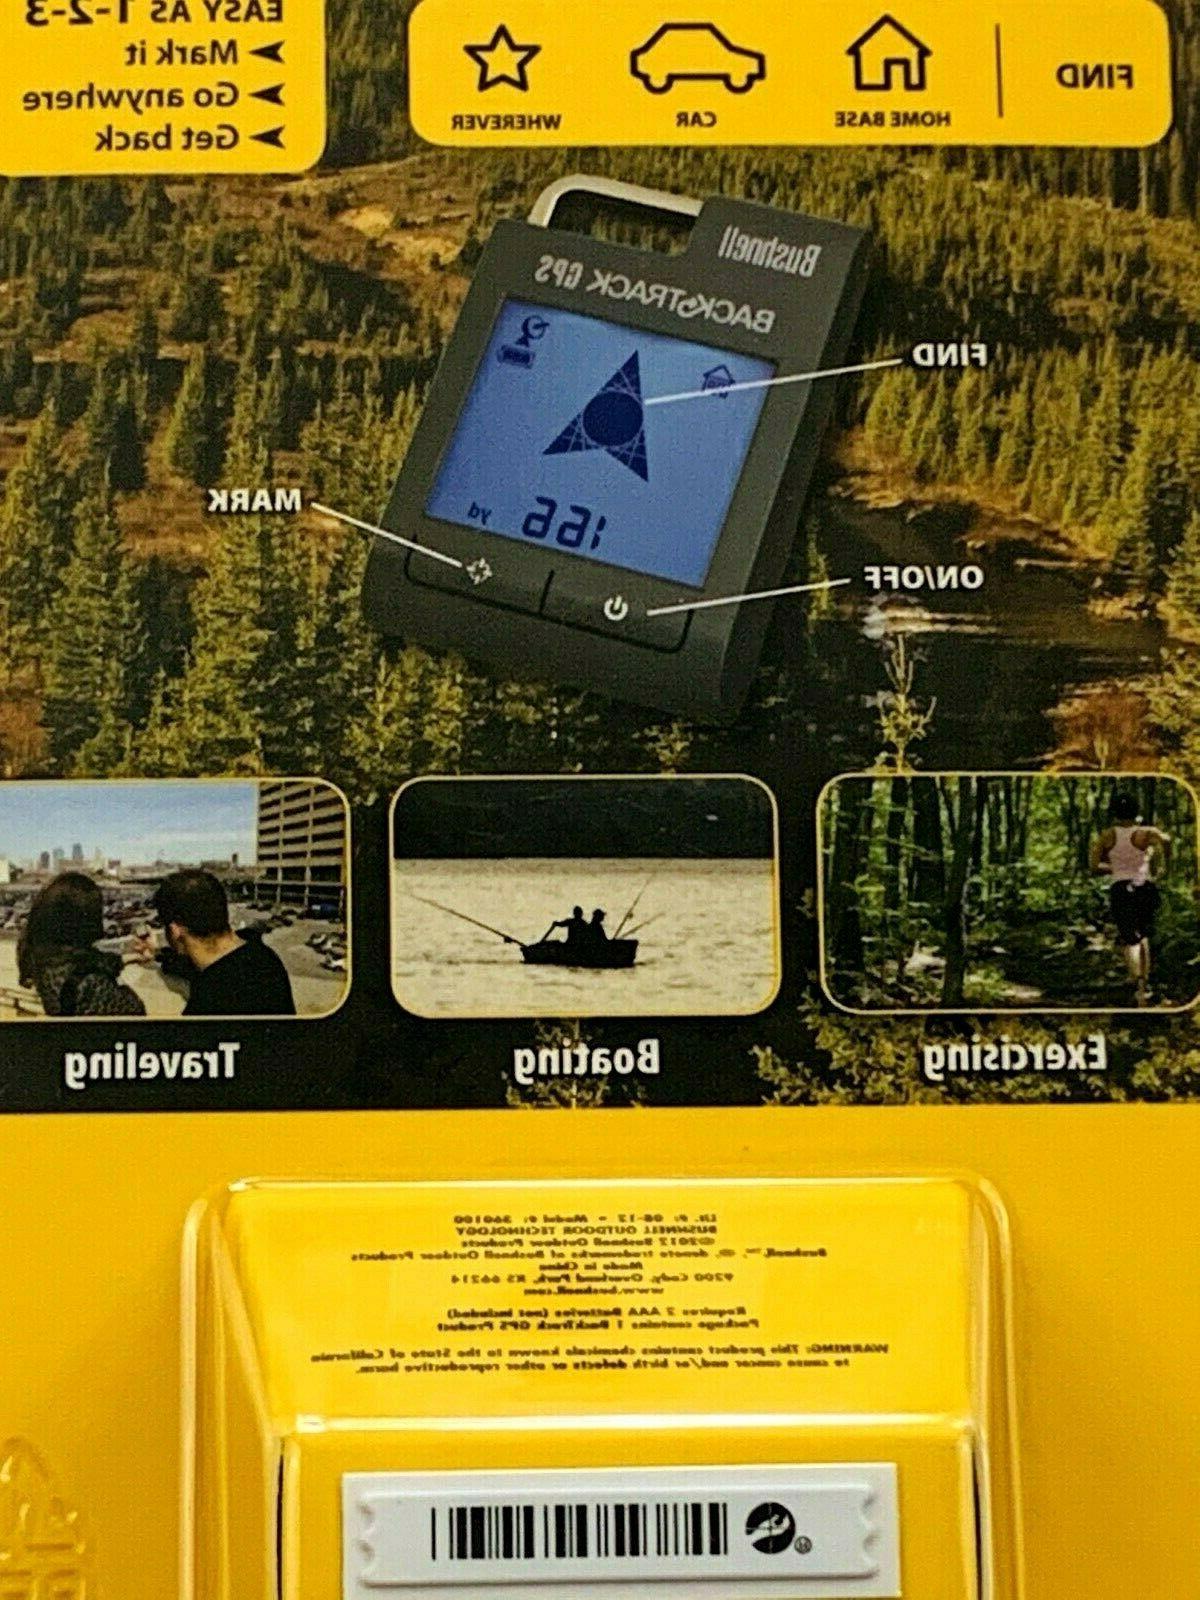 Bushnell BackTrack GPS Digital